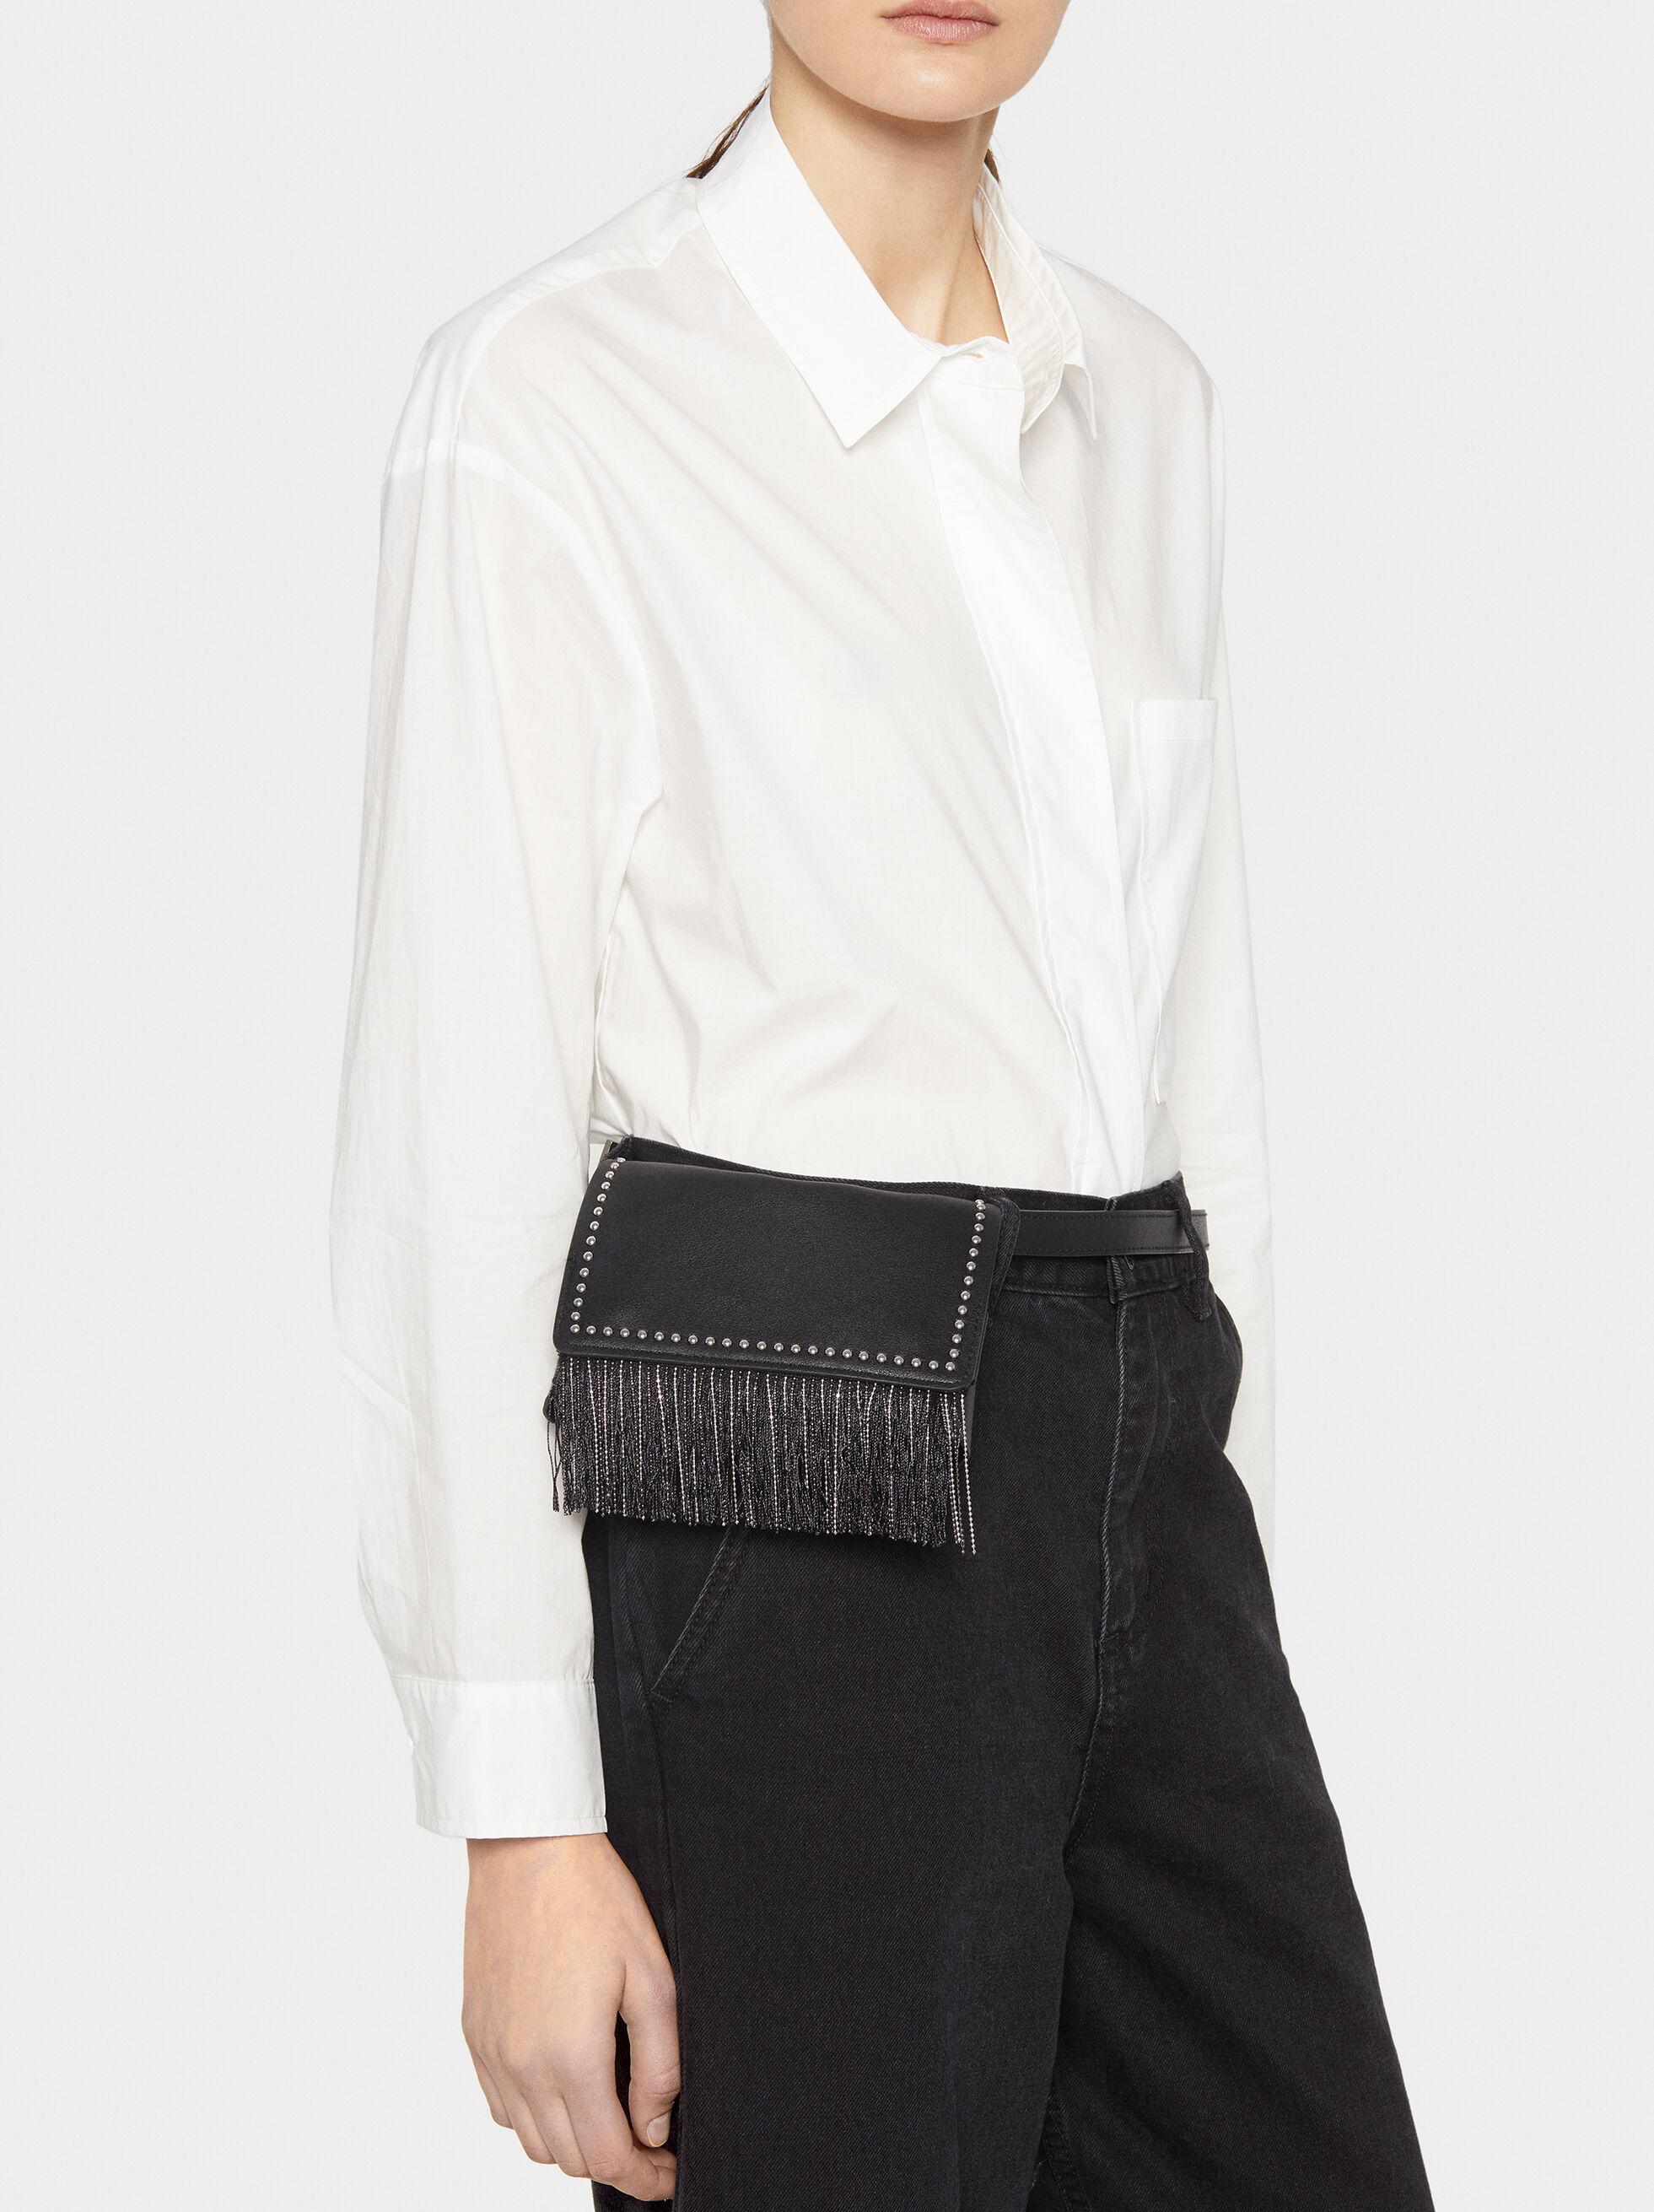 Belt Bag With Studs, Black, hi-res